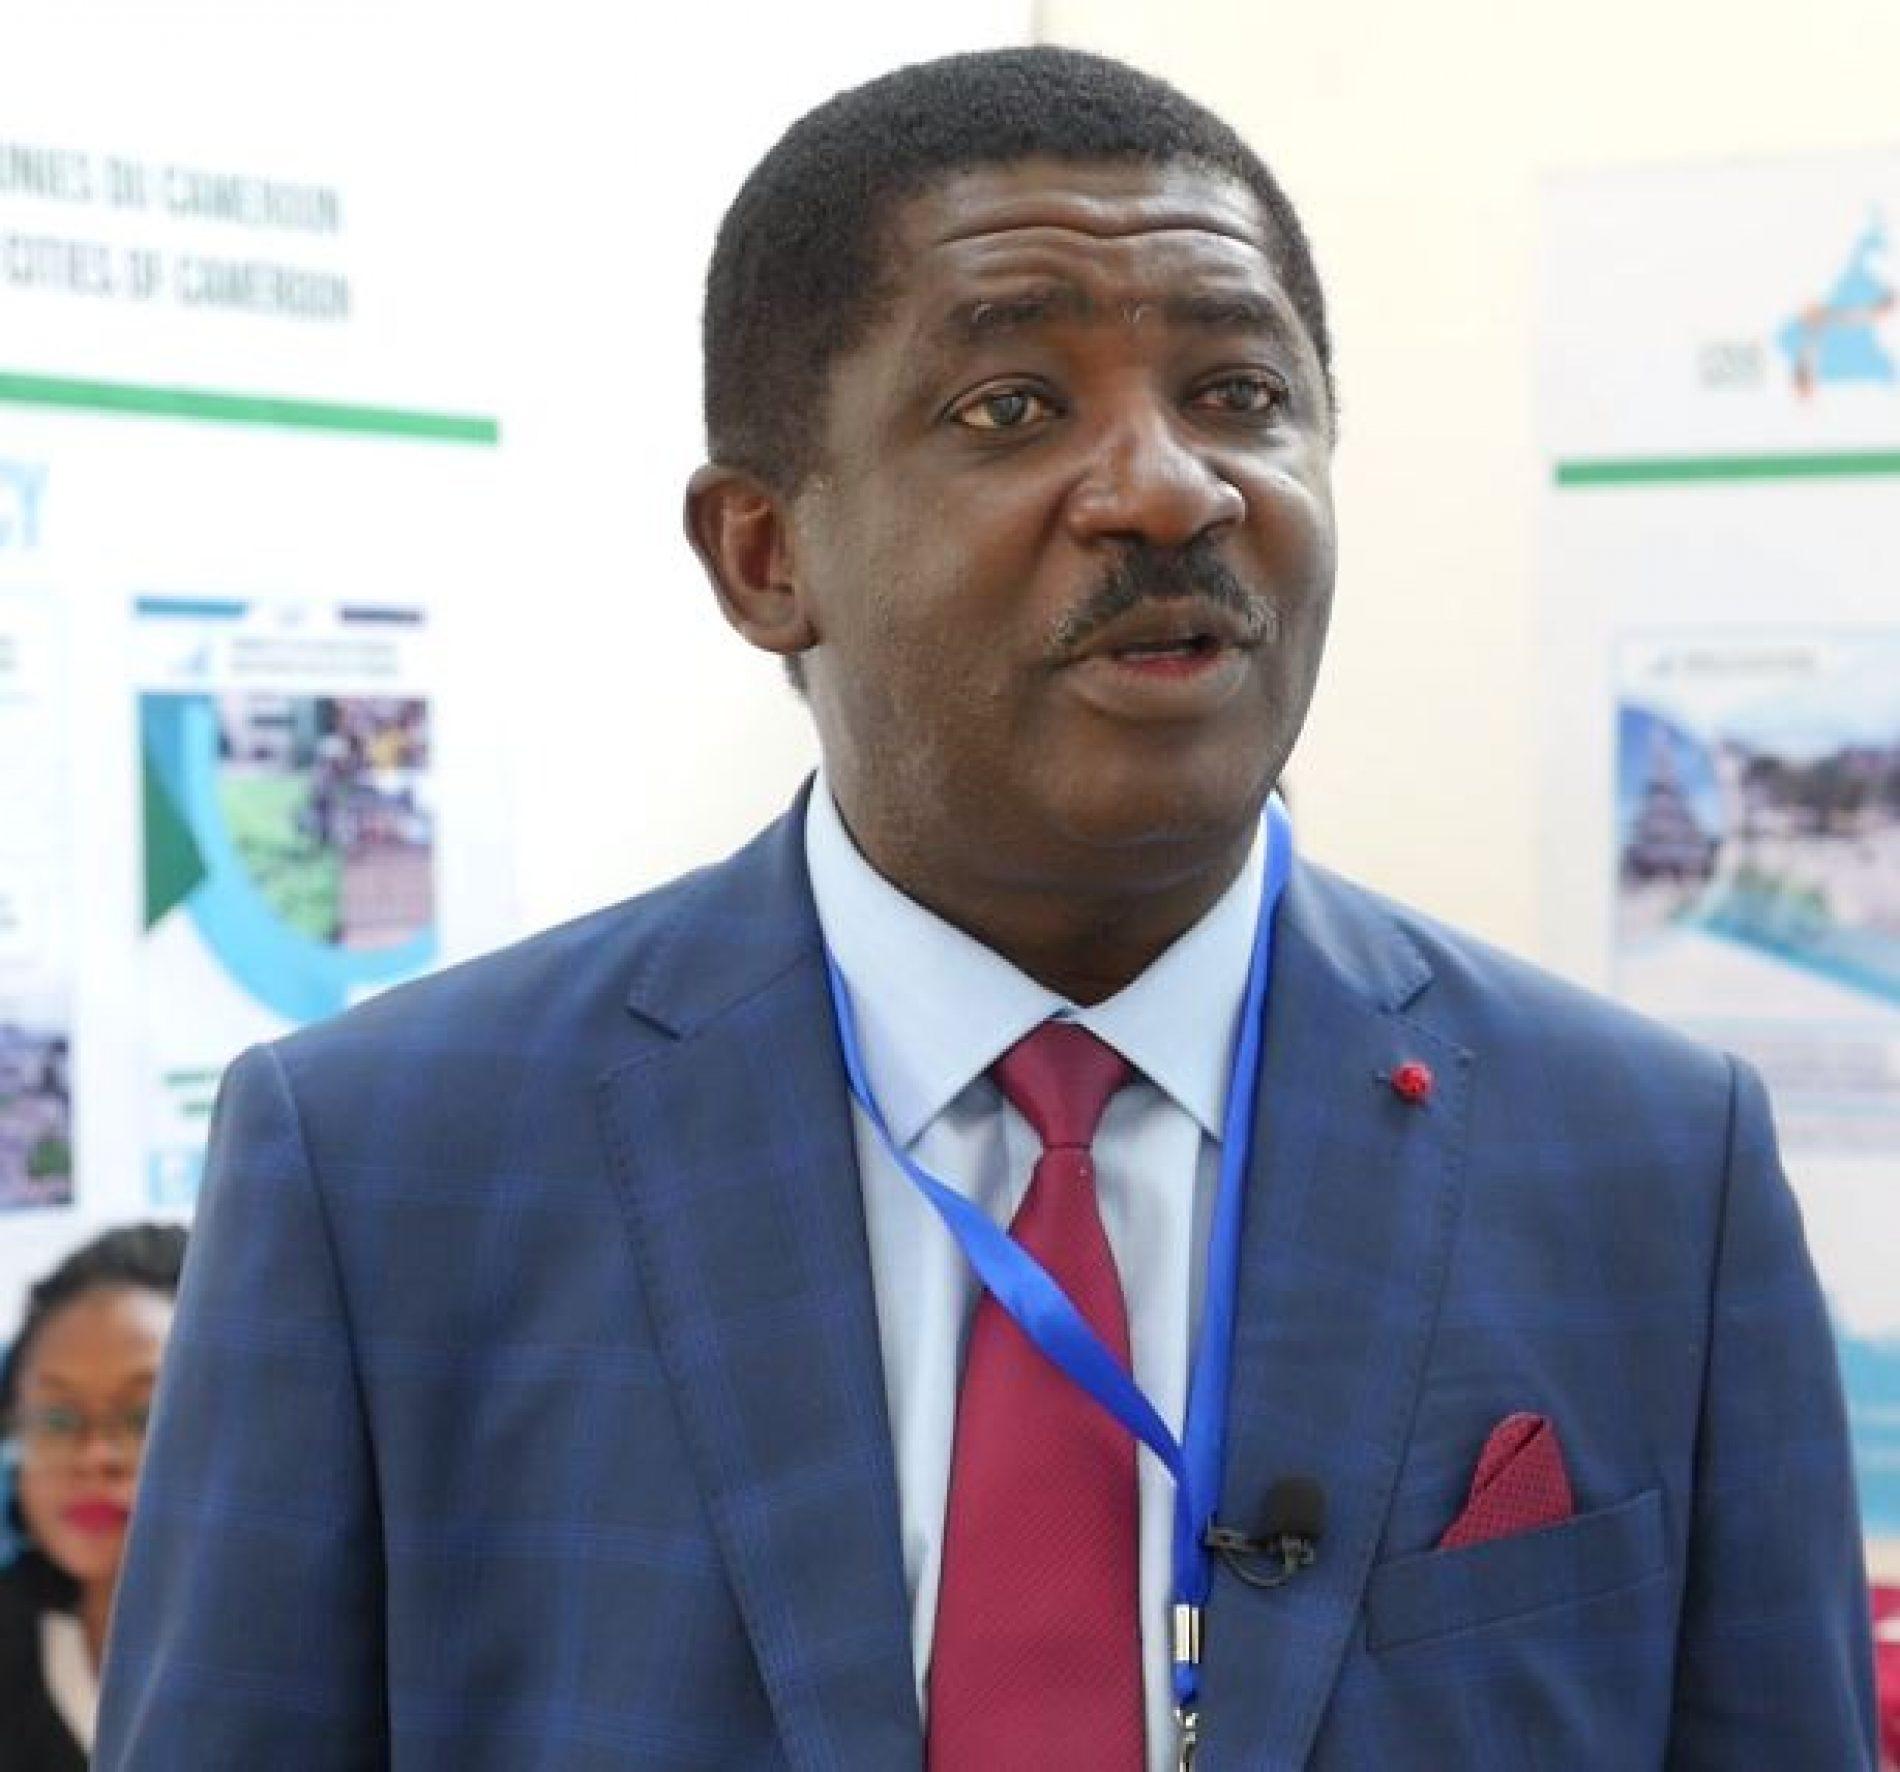 Décentralisation: Le Cameroun s'achemine-t-il enfin vers la fonction publique locale?